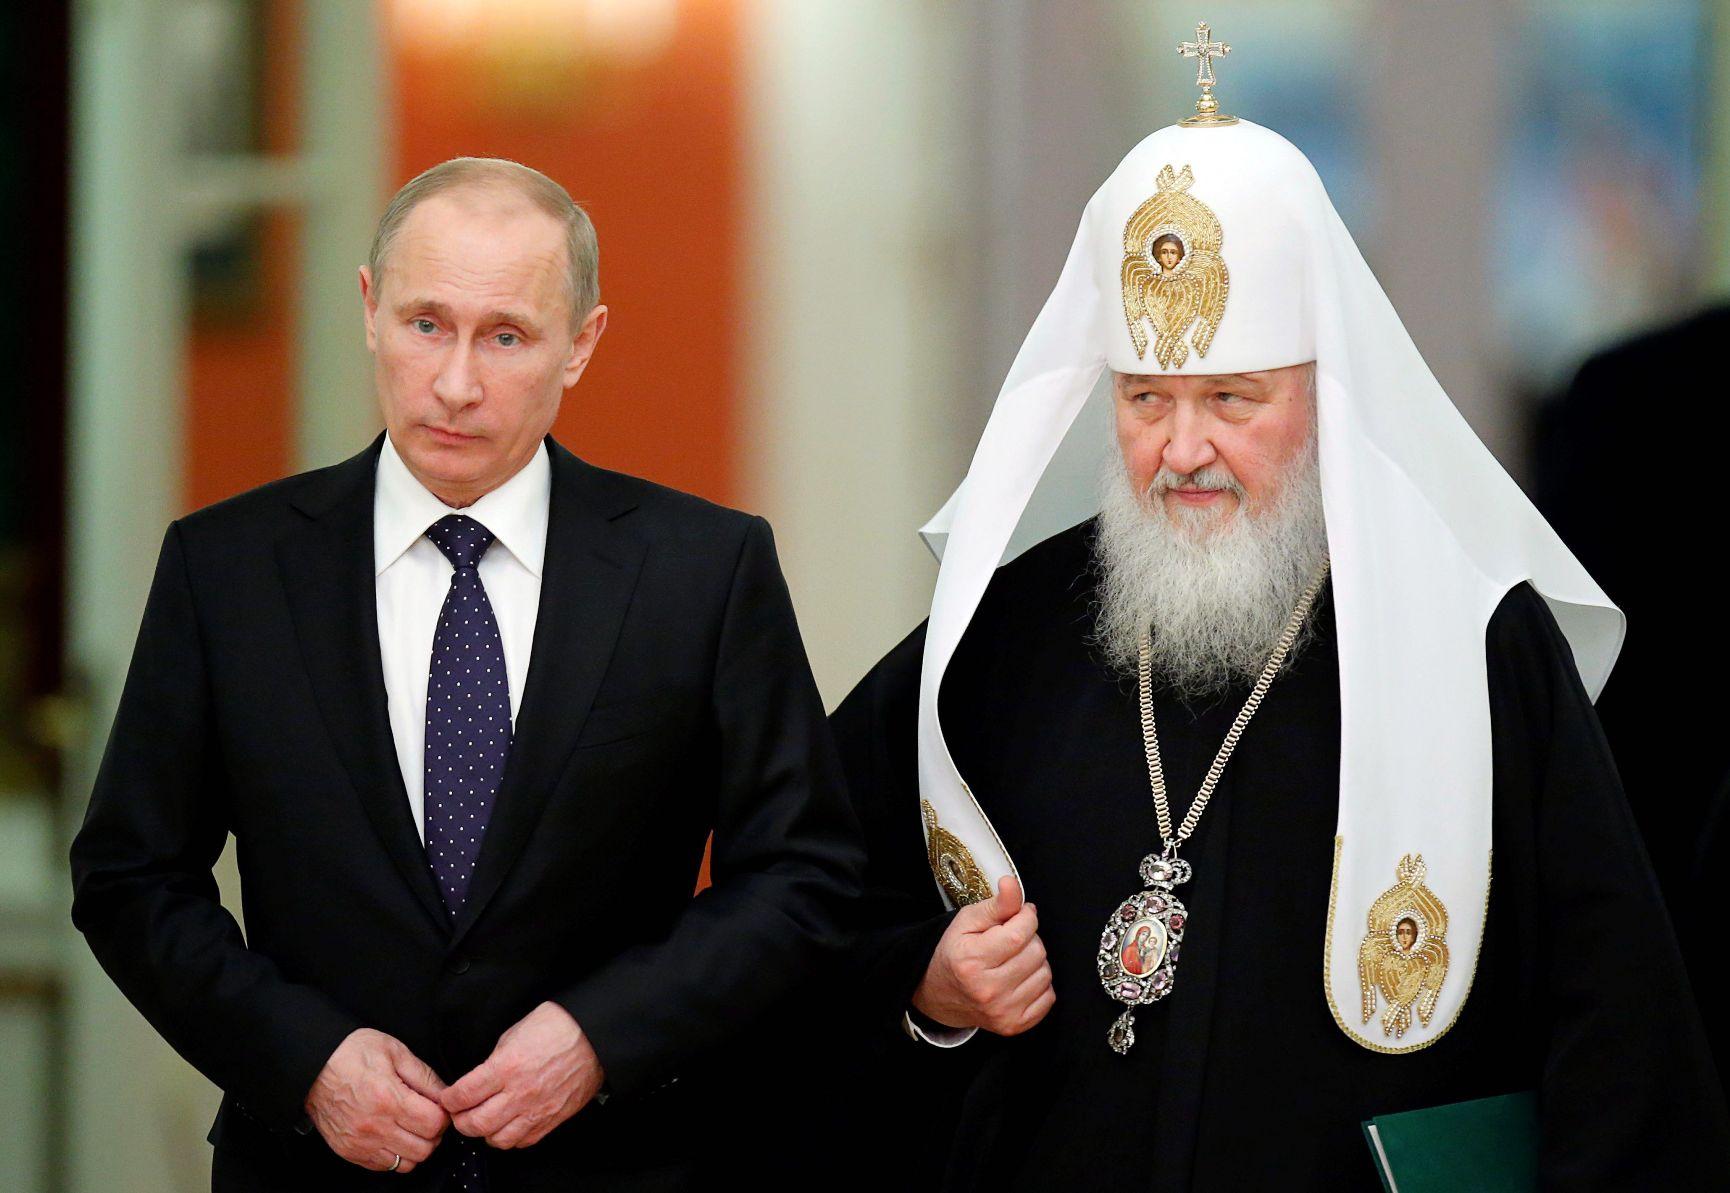 Редкое фото Путина и патриарха Кирилла всколыхнуло Сеть: получился знаковый кадр